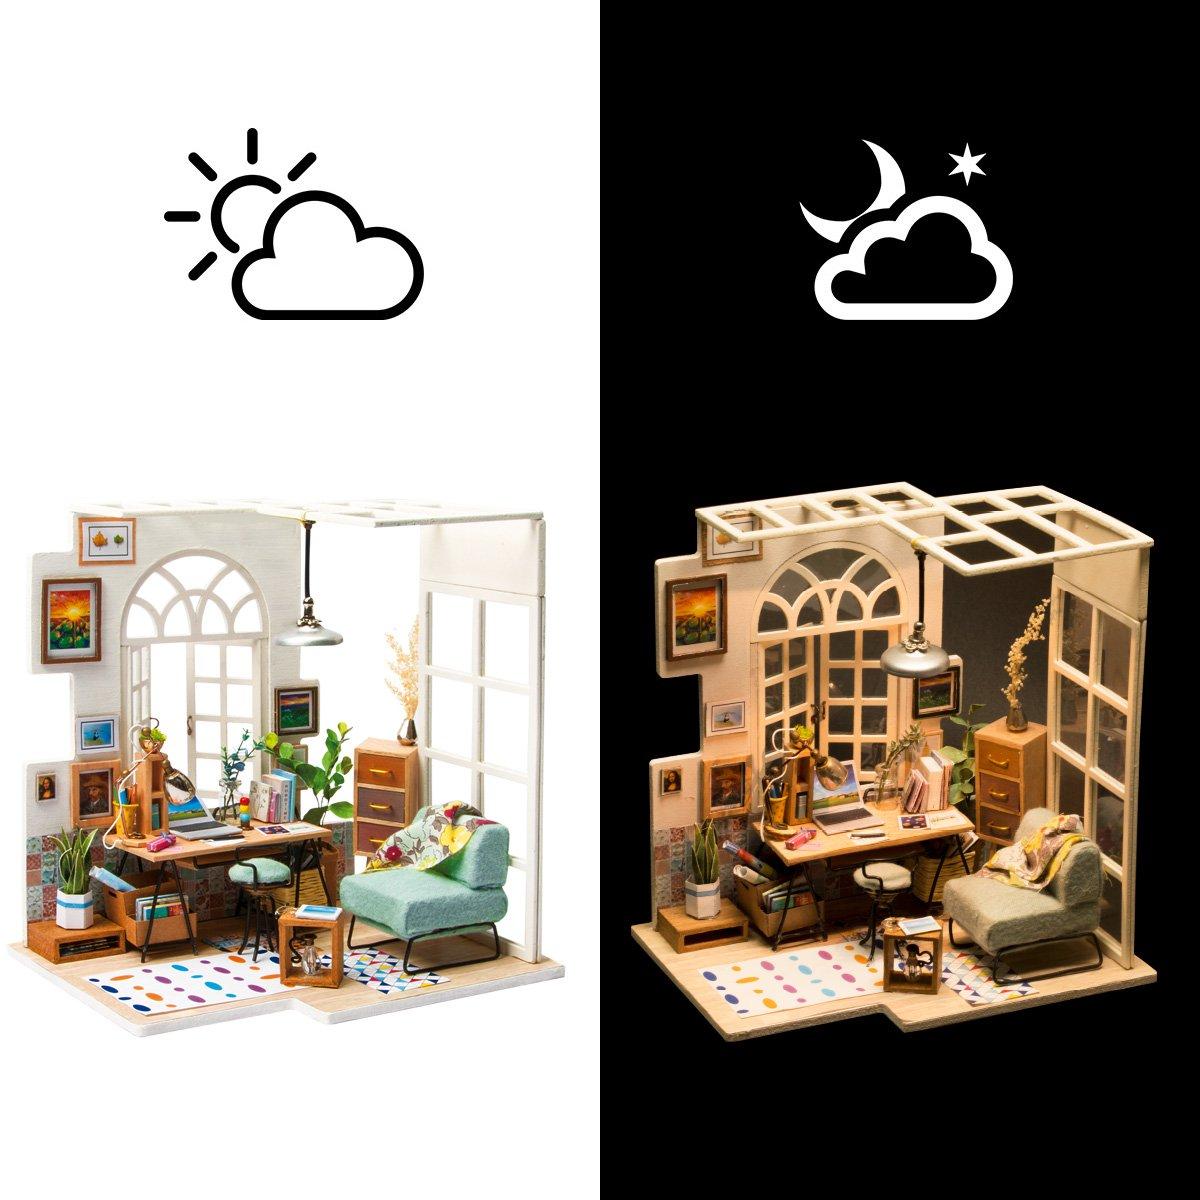 ROBOTIME Miniature House   Holz Puppenhaus Für 14 Jahre Alte Mädchen   Wohnzimmer  Zubehör Und Möbel Kits